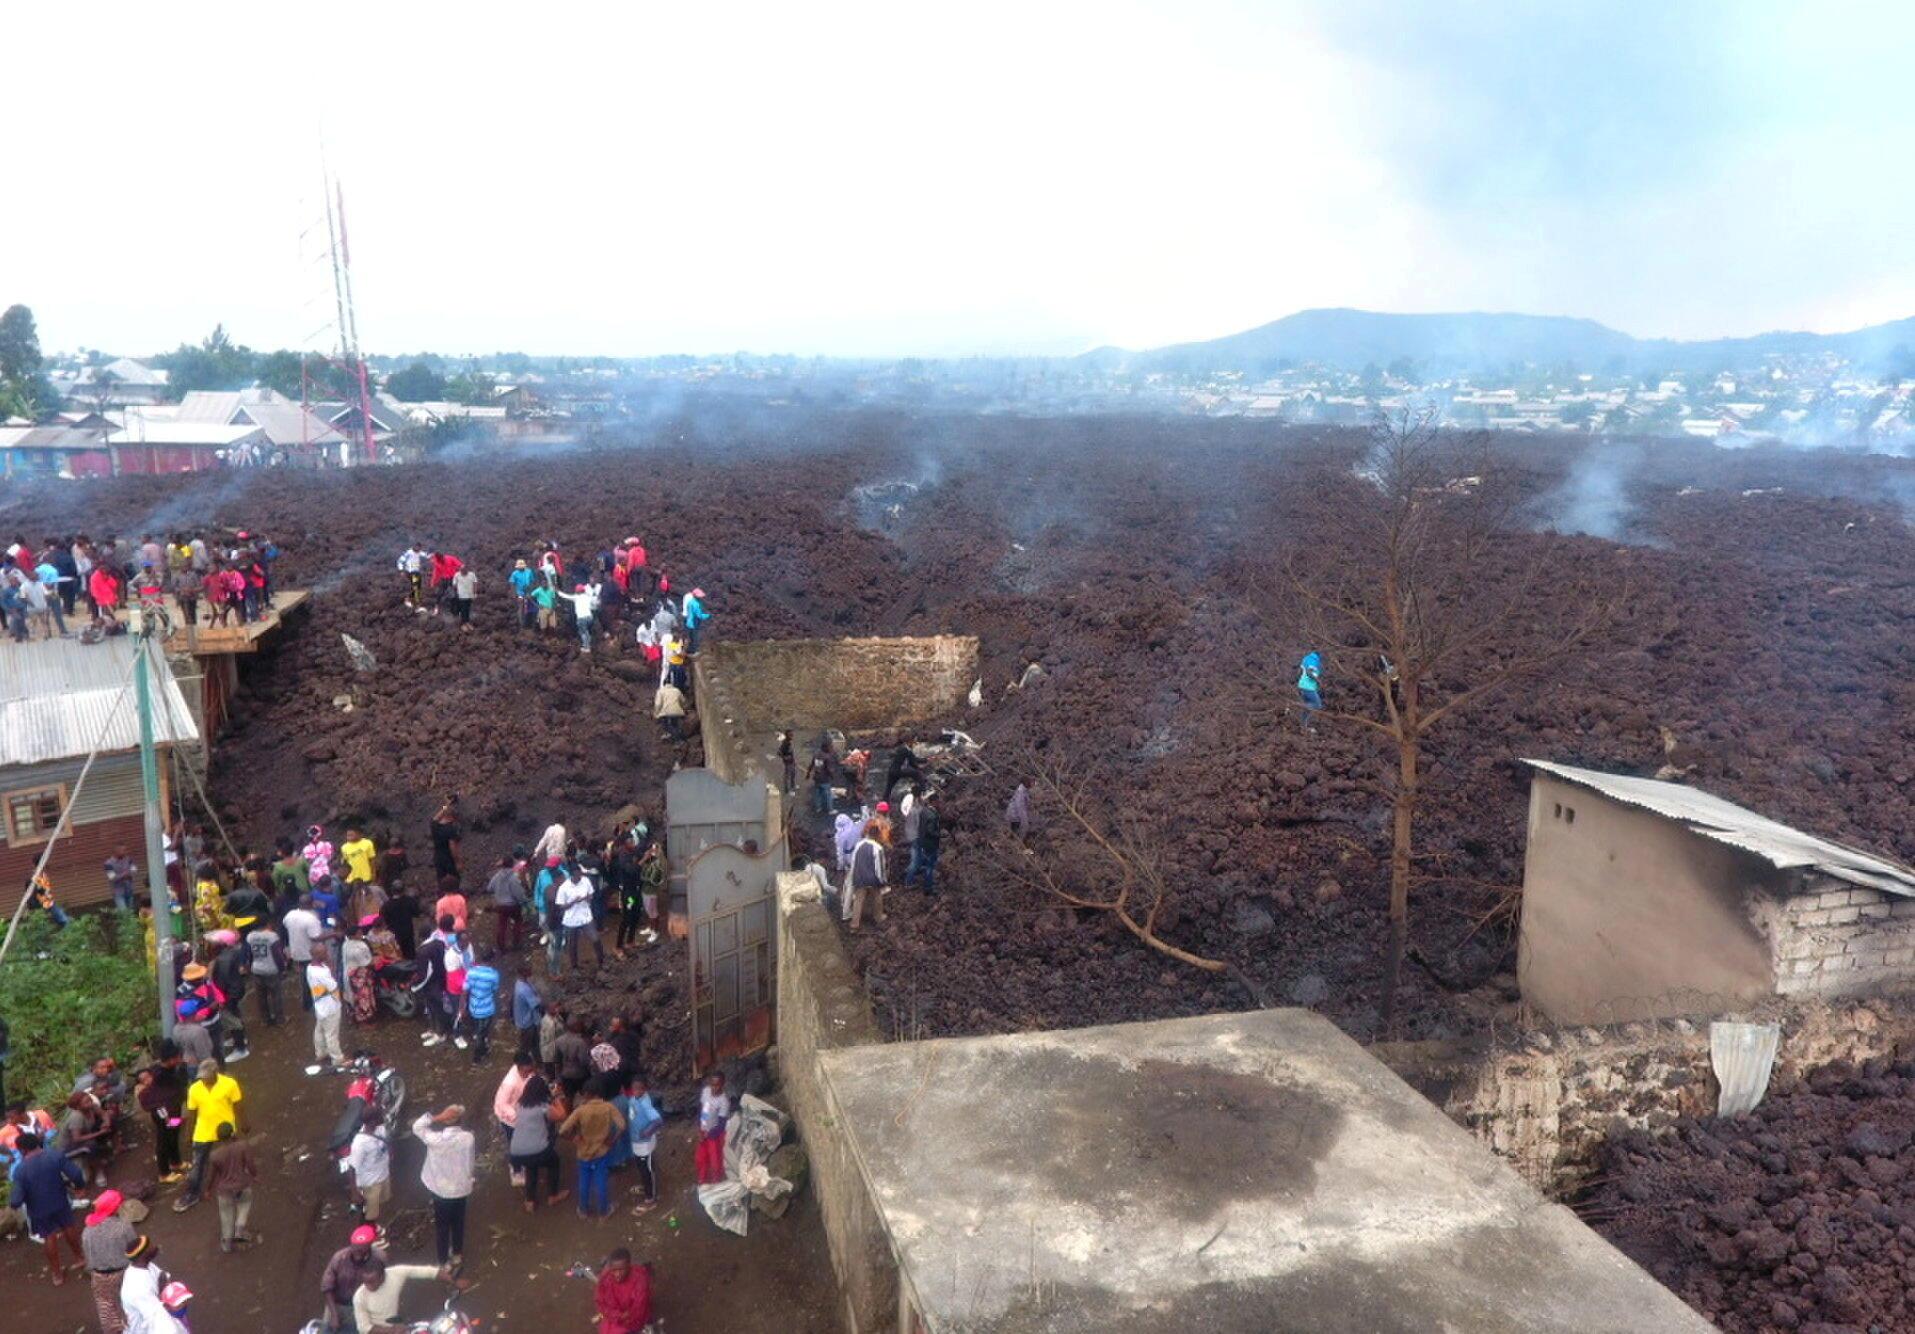 IMAGE RDC La coulée est arrivée aux portes de la ville de Goma, mai 2021.